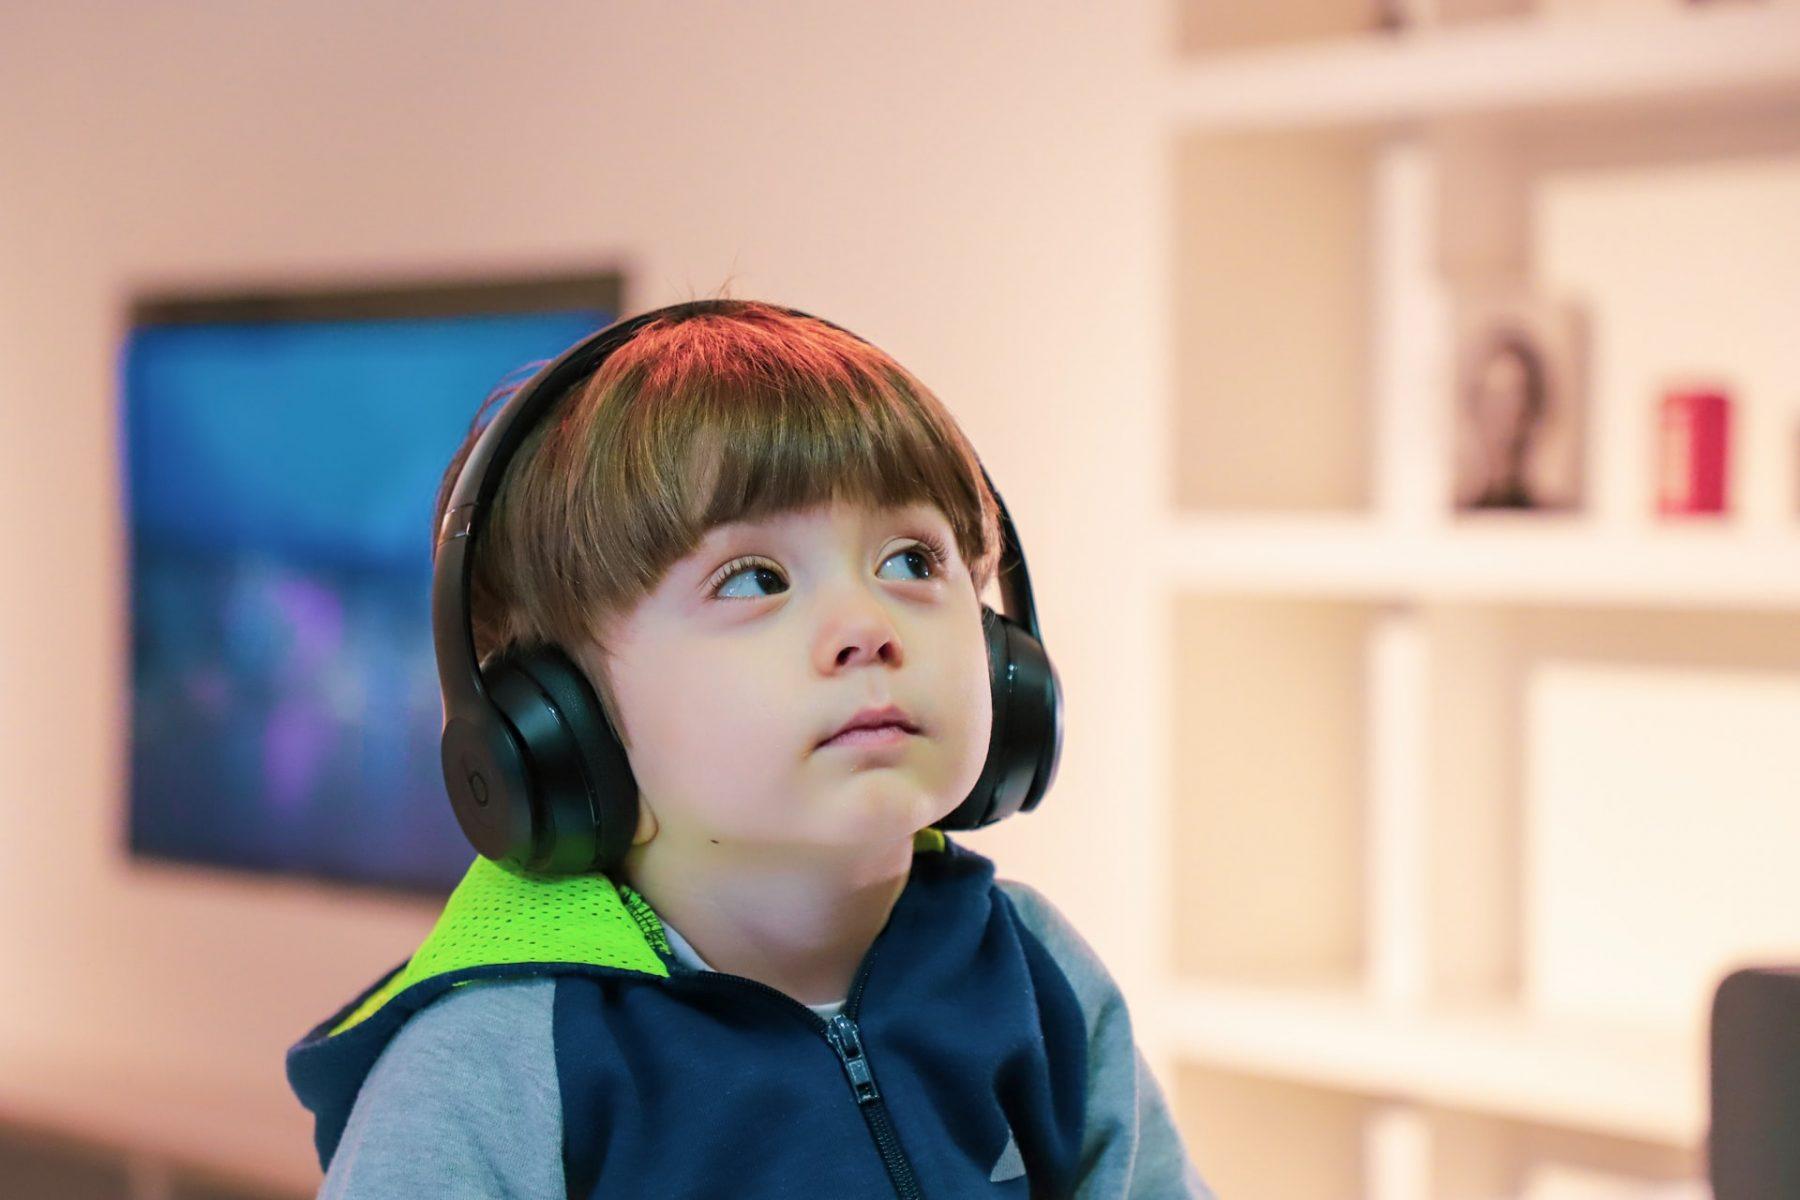 Ωκυτοκίνη αυτισμός: Νέα κλινική δοκιμή δεν επιβεβαιώνει τα οφέλη ρινικών σπρέι